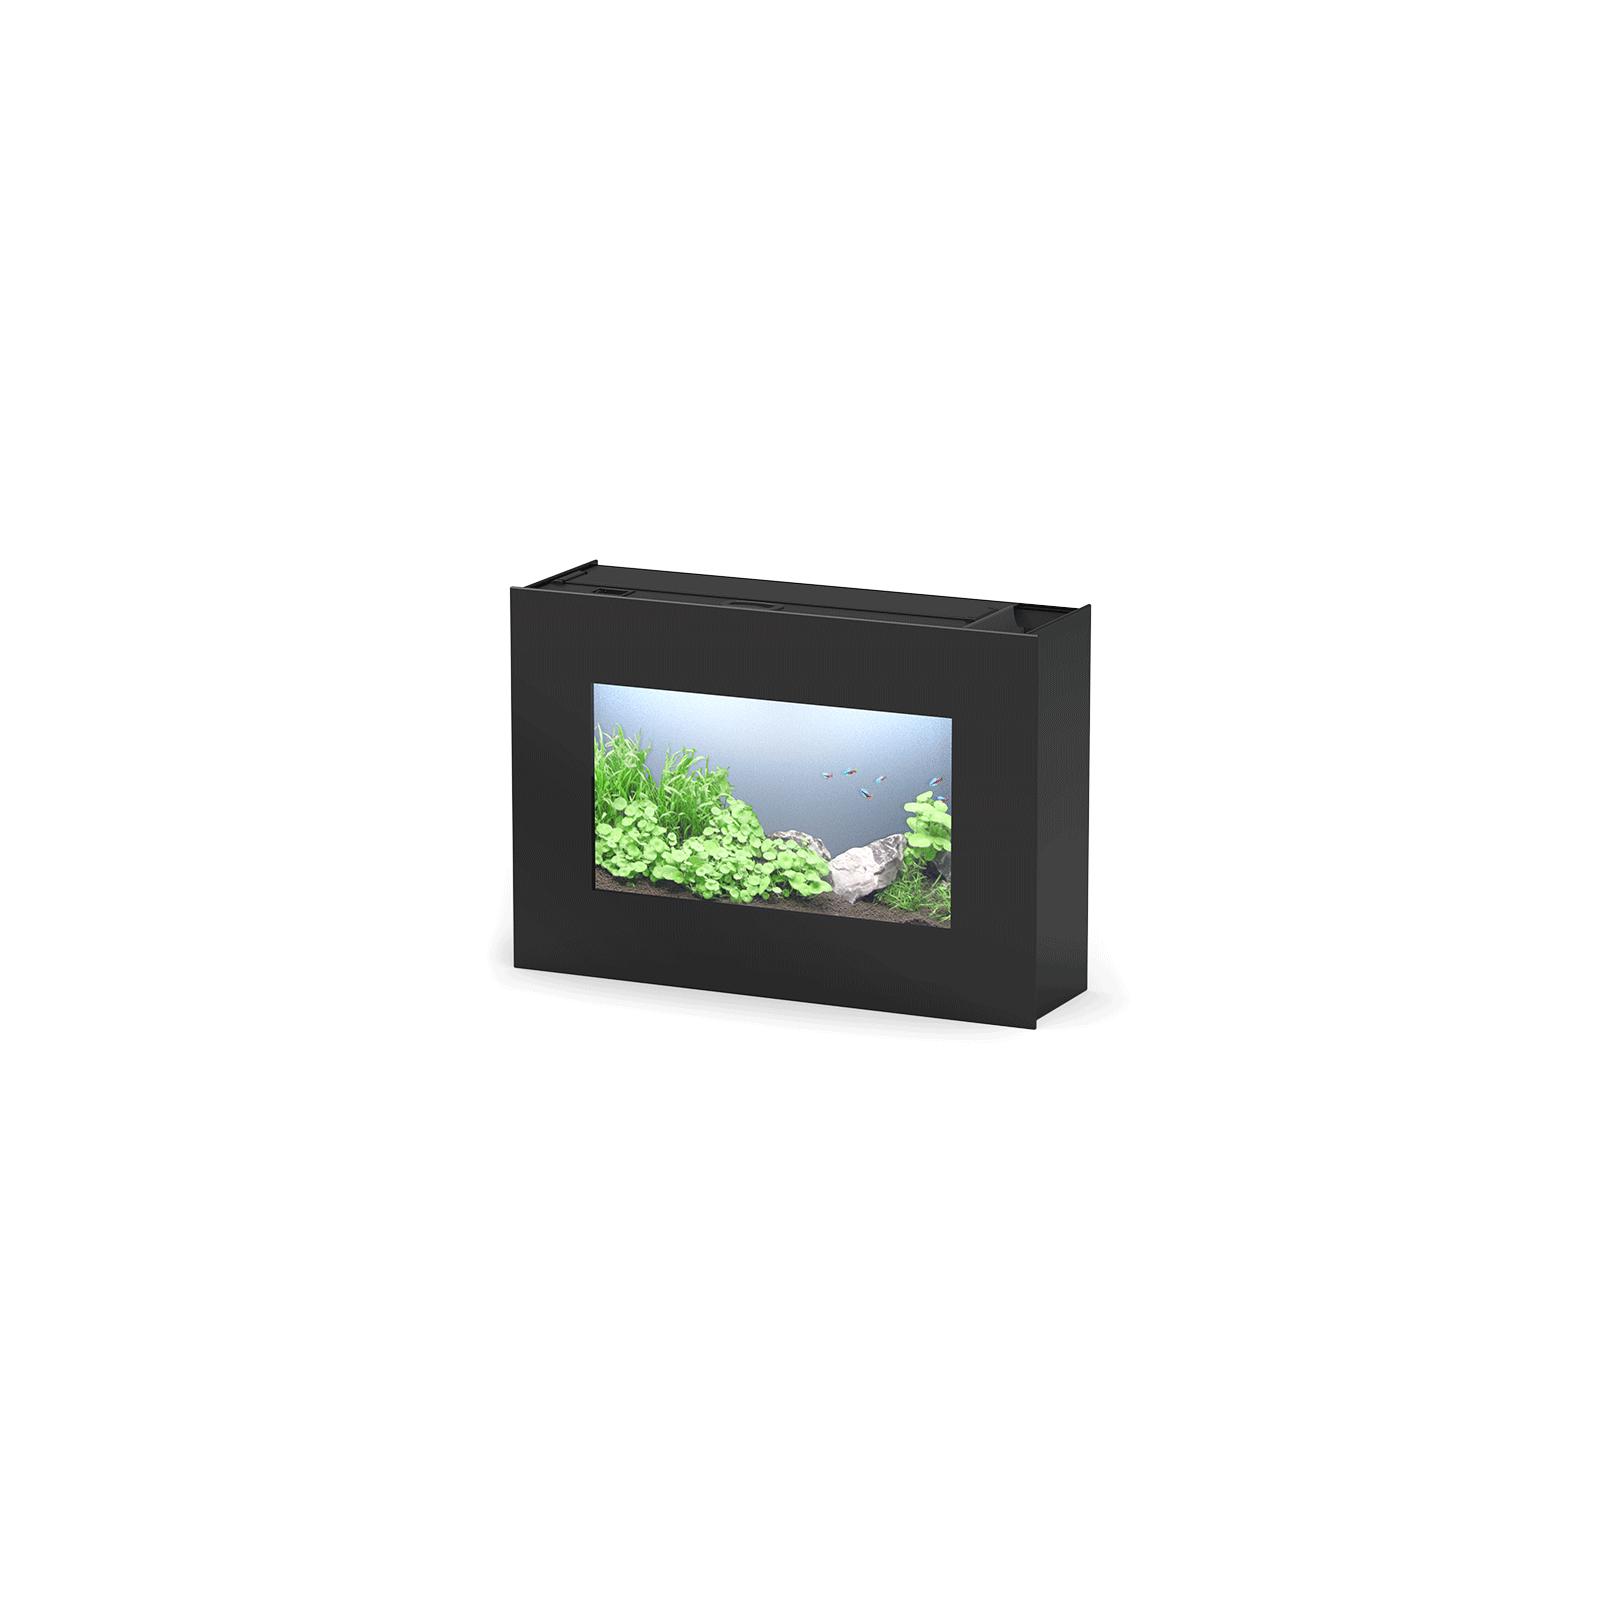 Aquatlantis Aquaplasma 75, Barva Černá